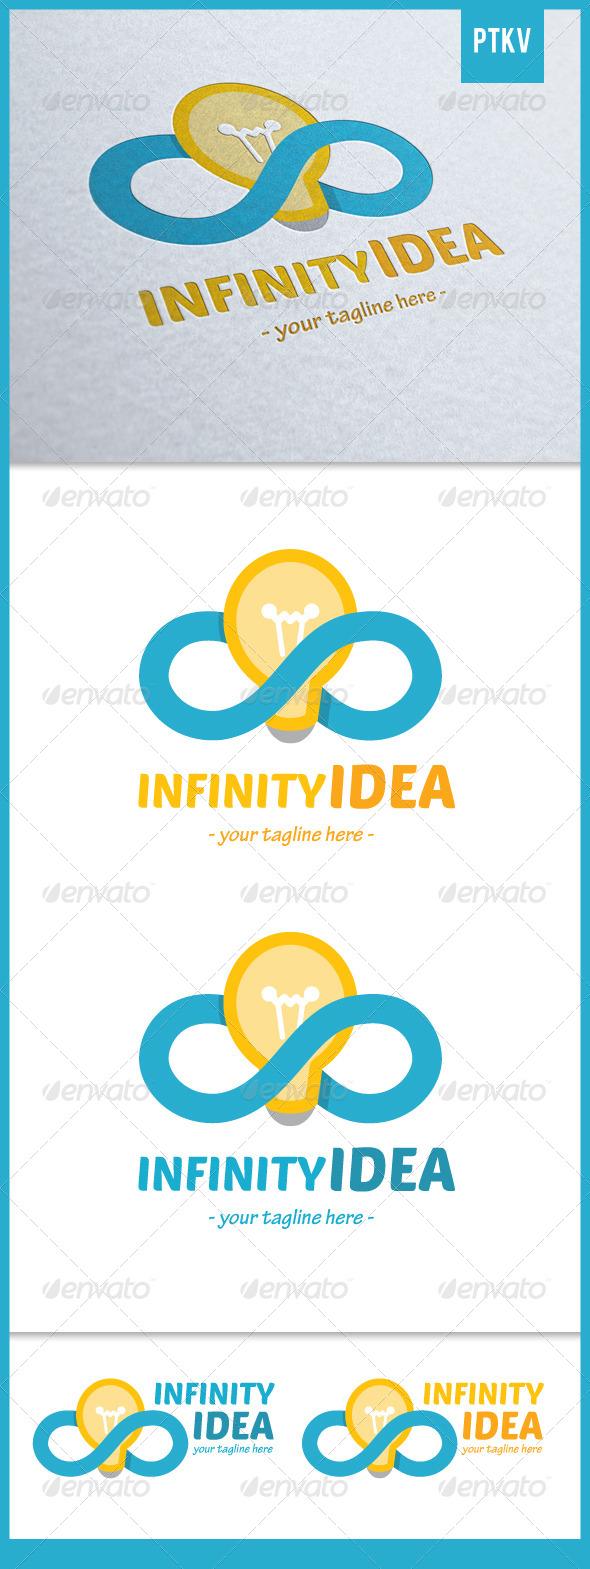 GraphicRiver Infinity Idea 5816701